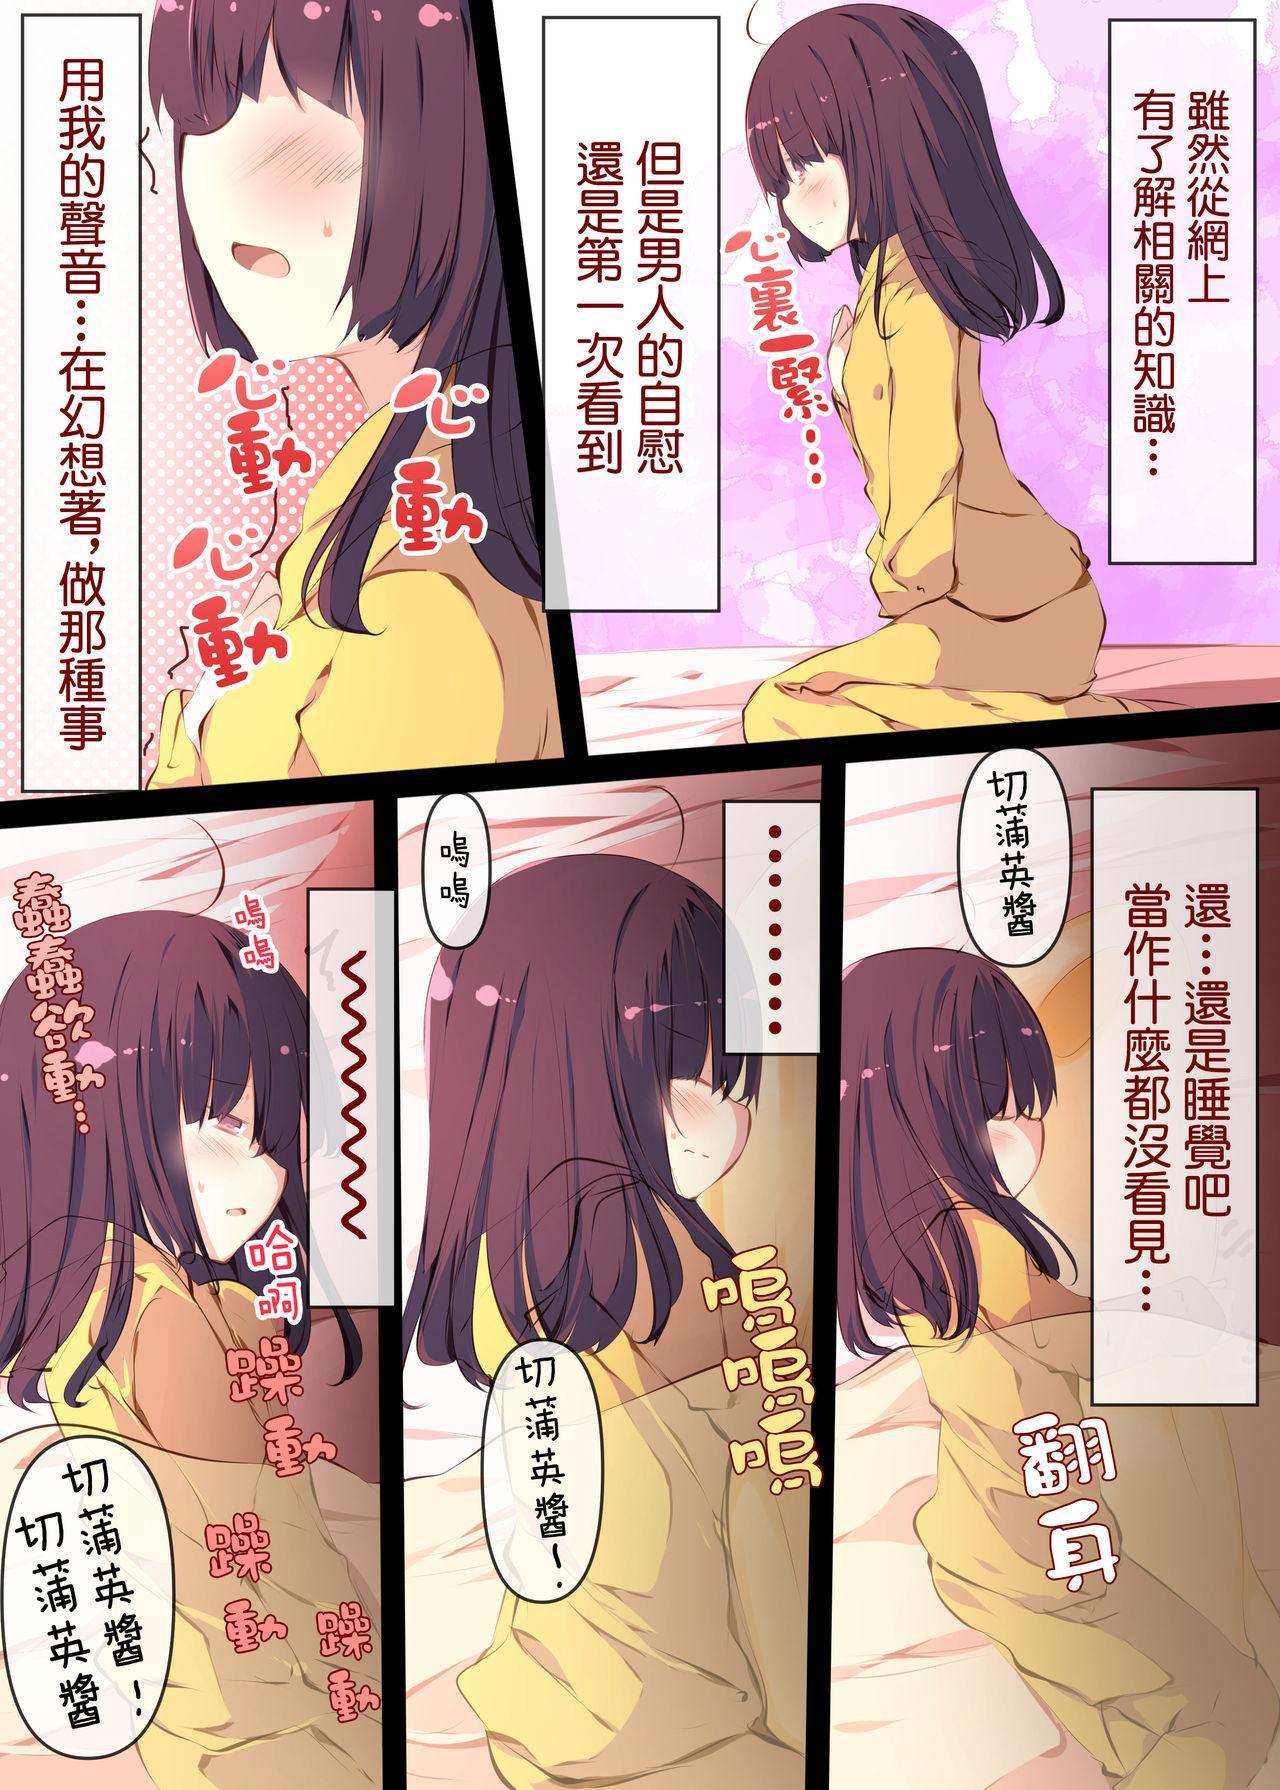 Tsuuhan de Kawareta Kiritan ga Master no Sourou Chinpo ni Konwaku Suru Ohanashi | 網購買回來的切蒲英醬 讓主人的早洩肉棒茫然無措的故事 10